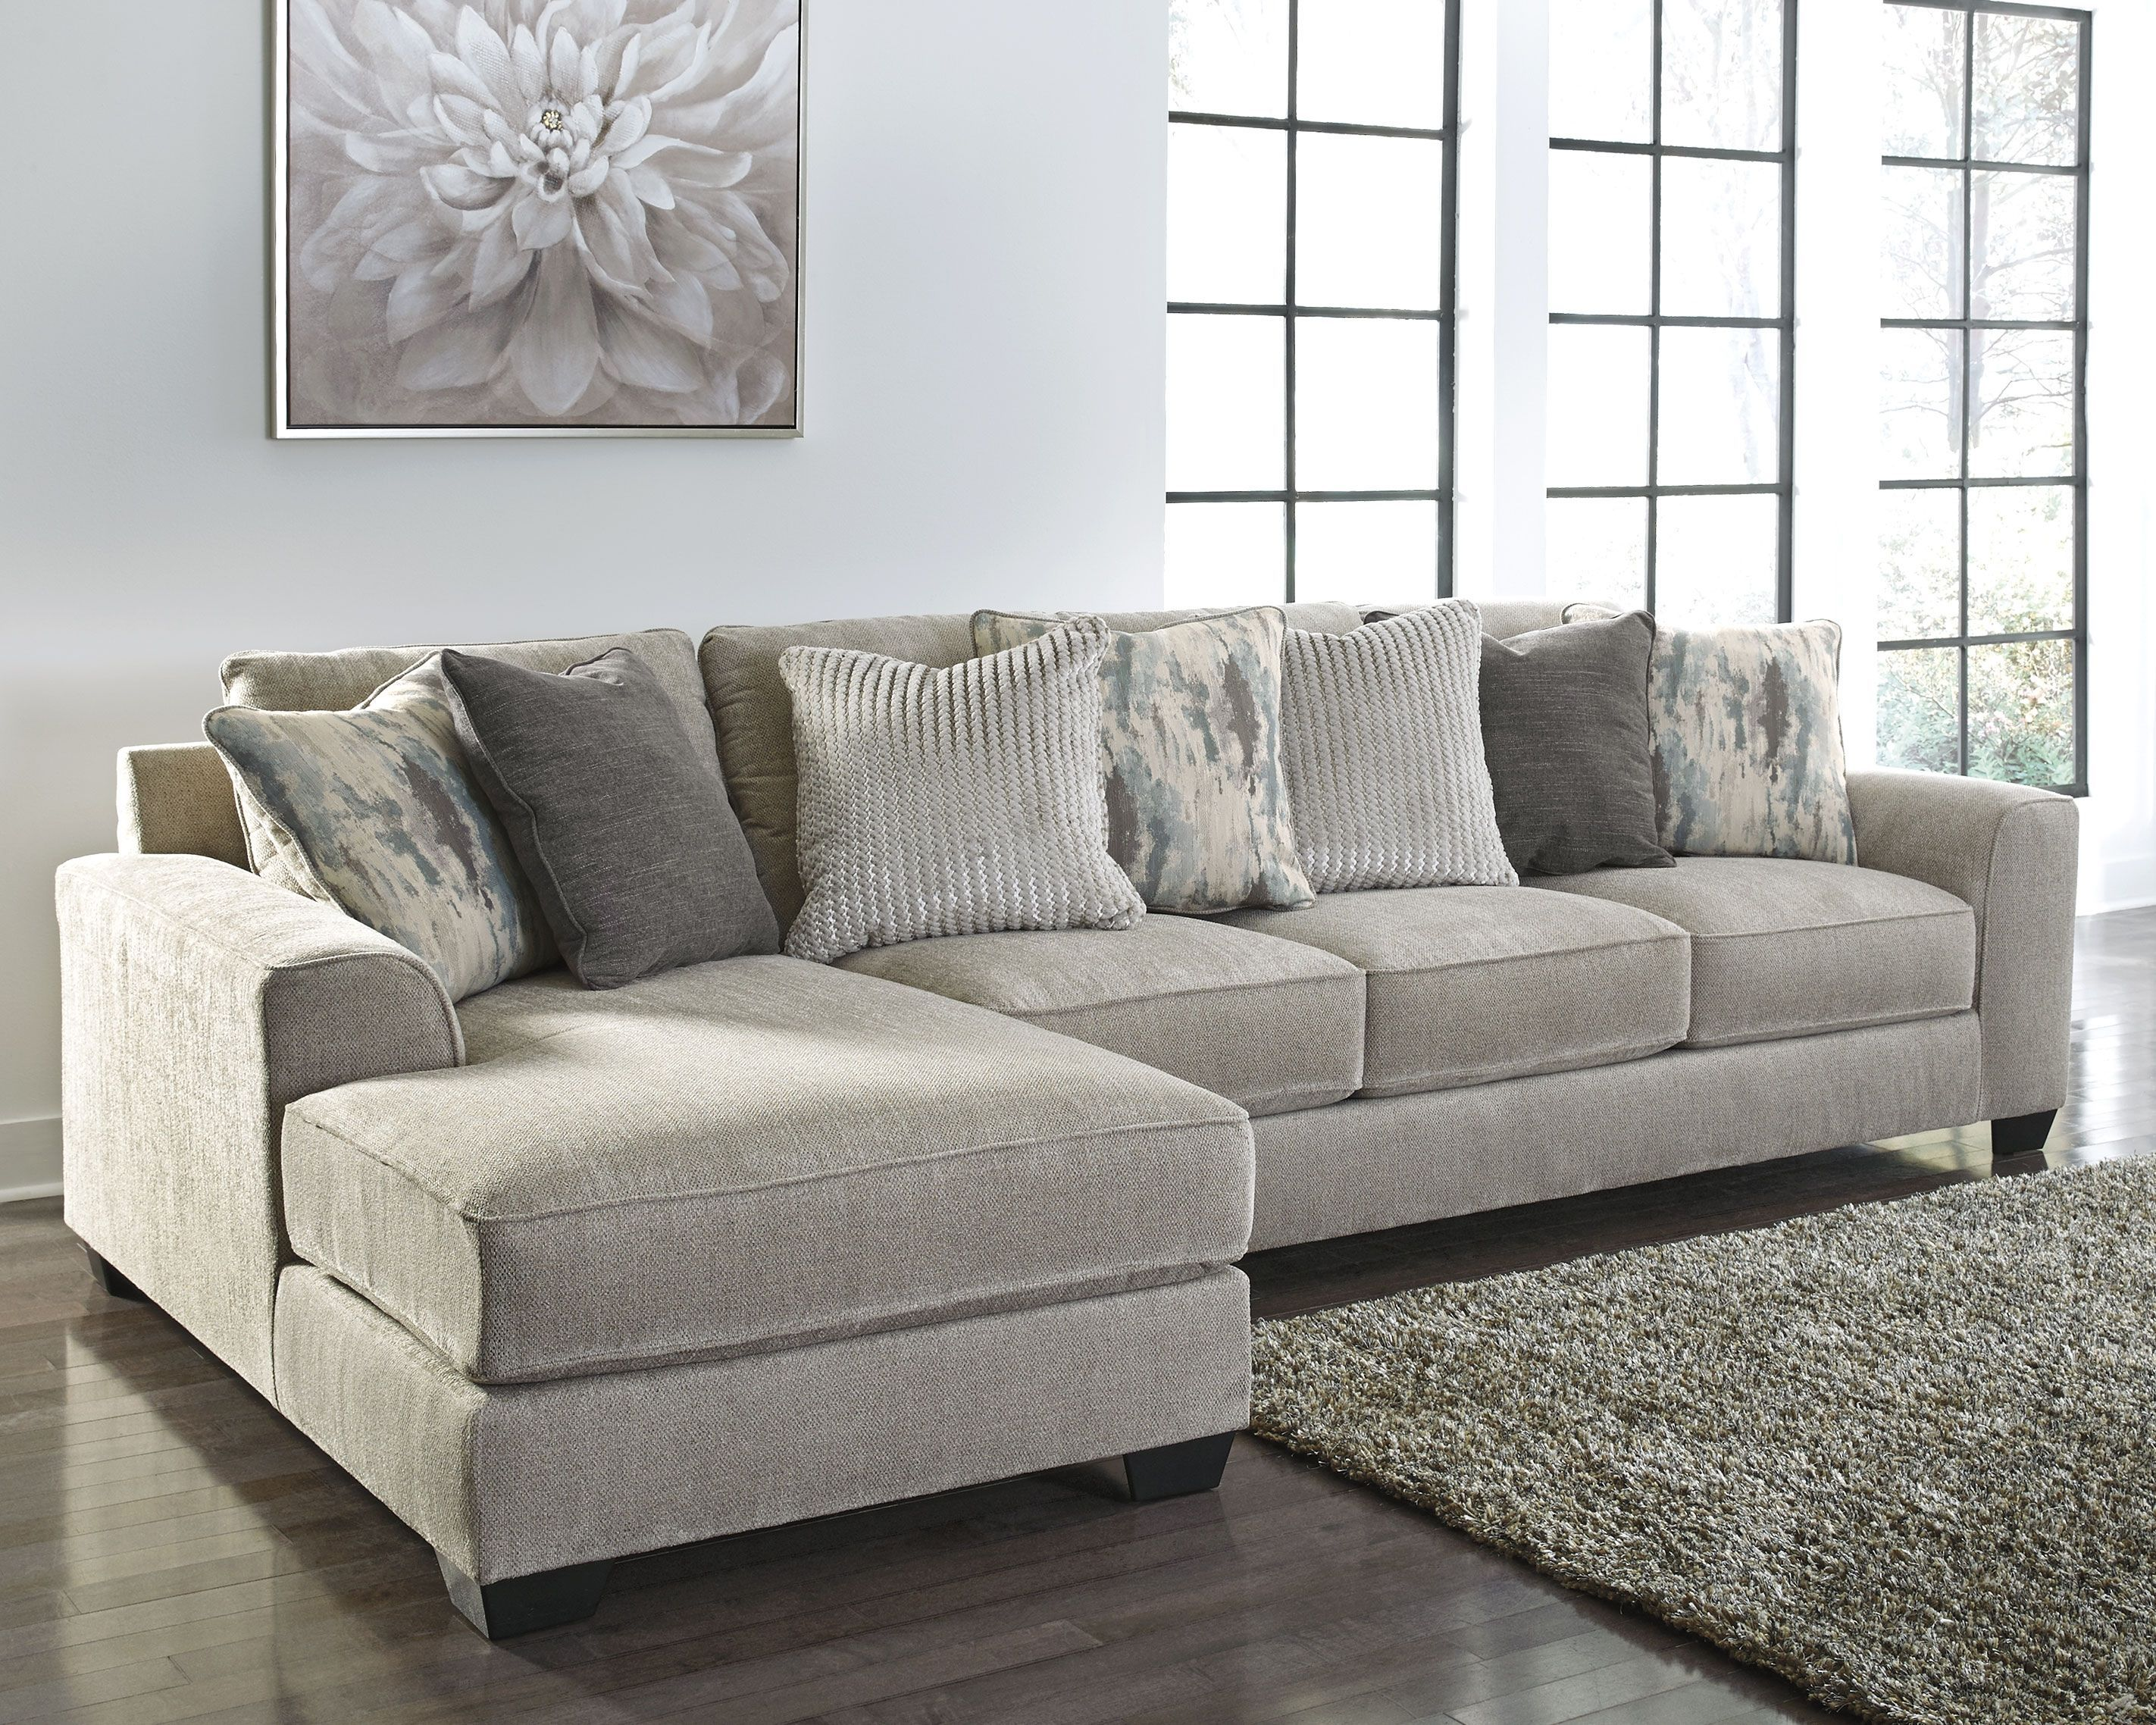 Ardsley Pewter Laf Corner Chaise Raf Sofa Sectional Couch With Chaise Couches Sectionals Sectional Sofa